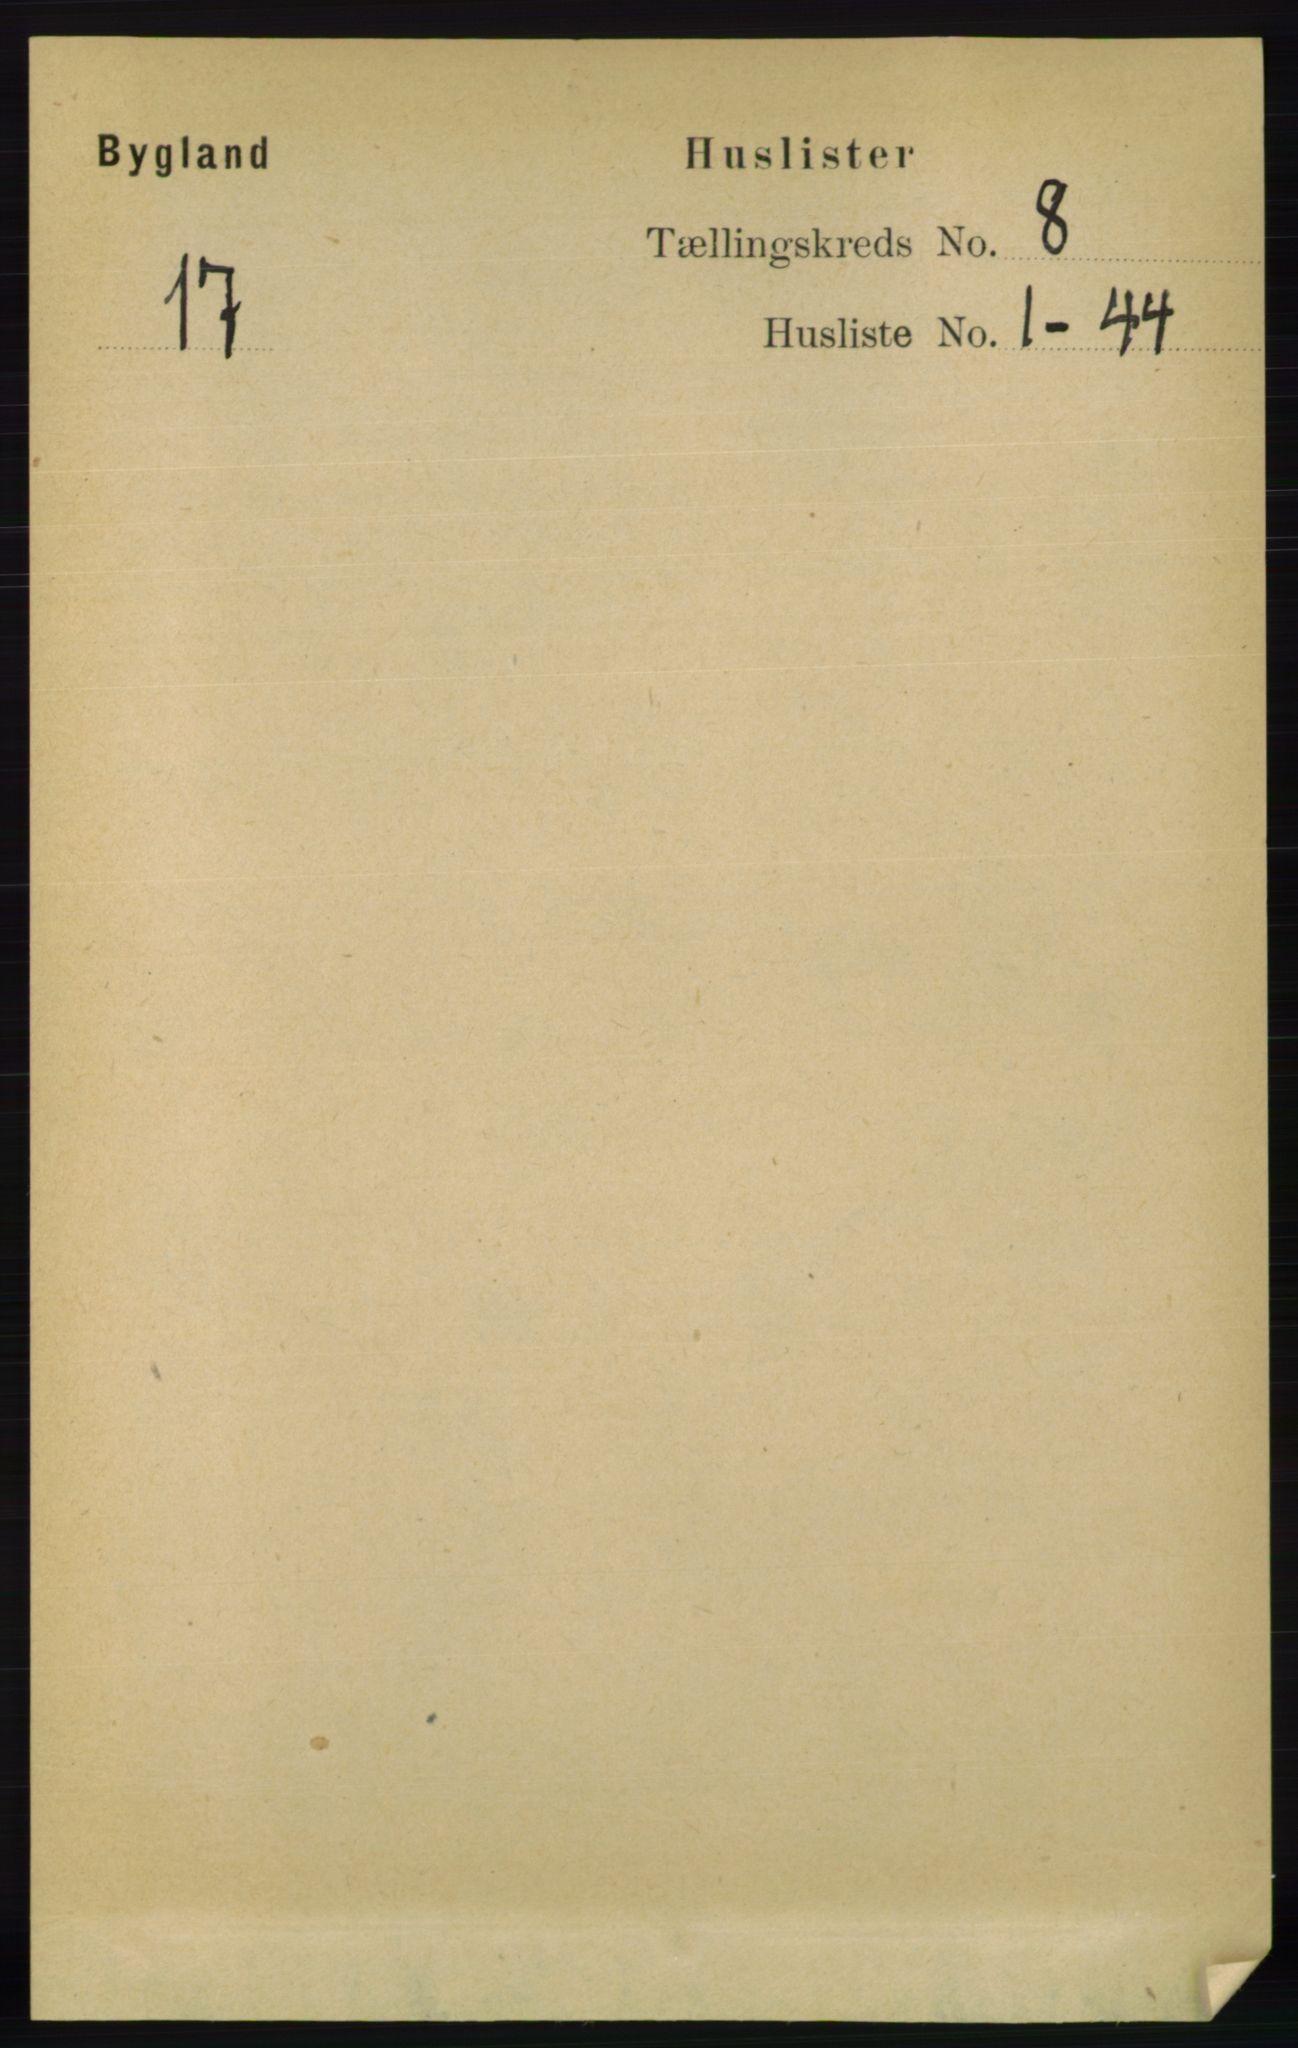 RA, Folketelling 1891 for 0938 Bygland herred, 1891, s. 1868